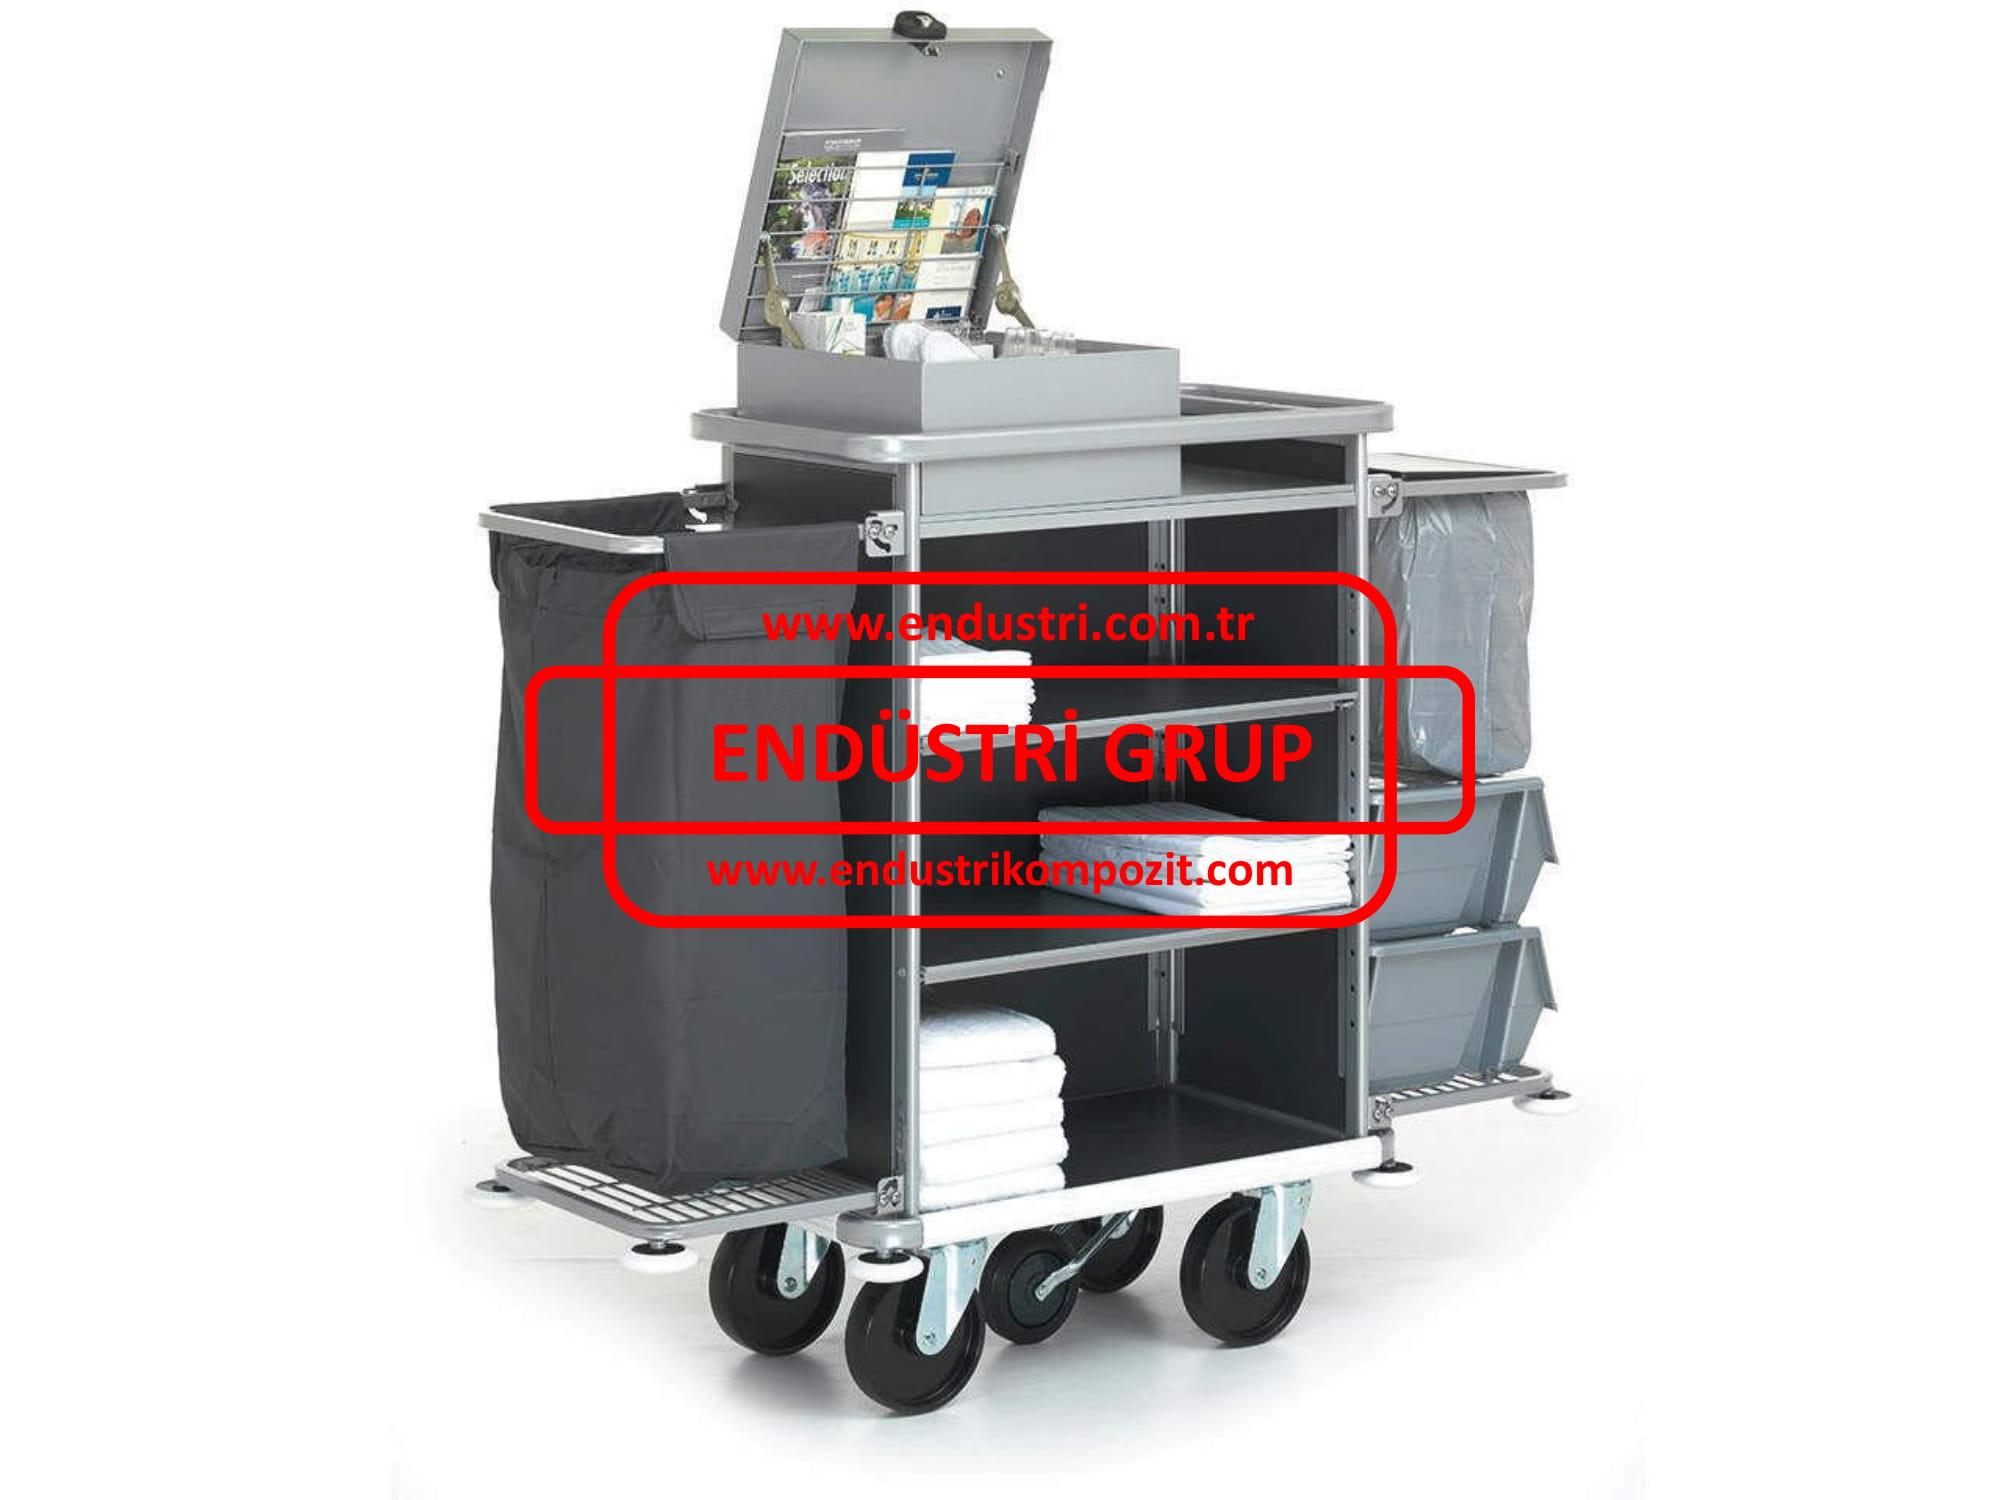 tekerlekli-metal-paslanmaz-celik-personel-medikal-otel-saglik-hastane-laboratuvar-hizmet-temizlik-metal-tasima-servis-arabasi-arabalari-standi